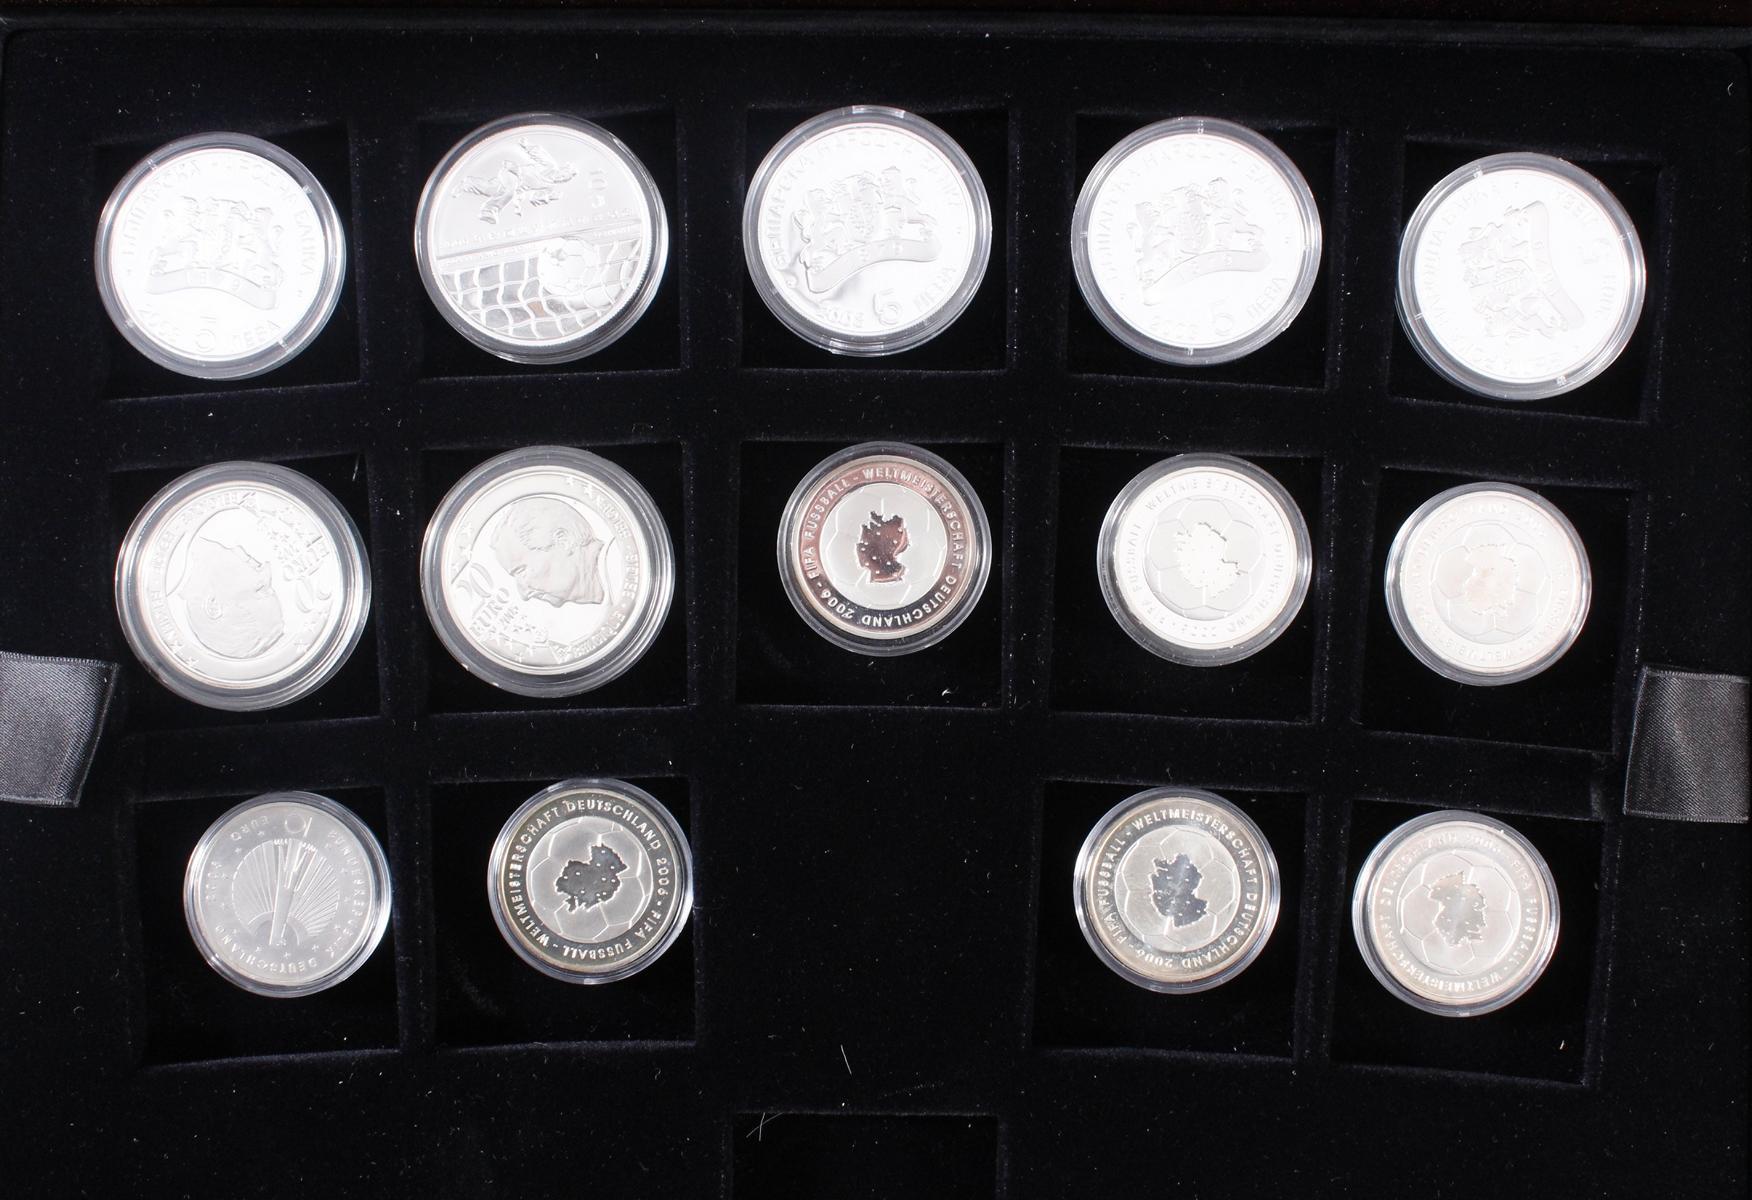 Die offiziellen Silber-Gedenkmünzen der Fifa Fußballweltmeisterschaft Deutschland 2006-2